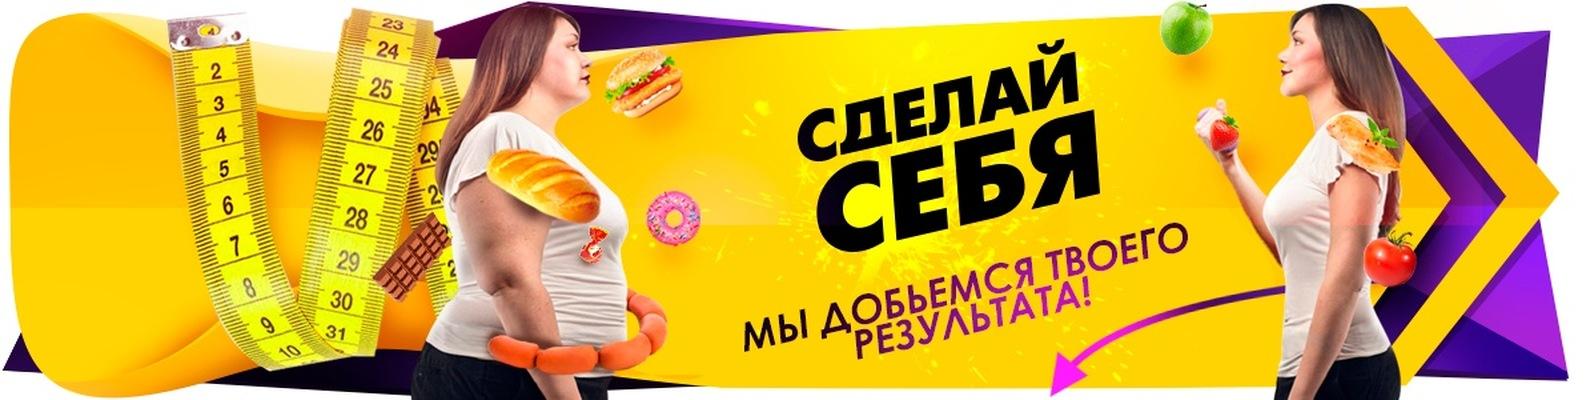 Реклама похудения вконтакте